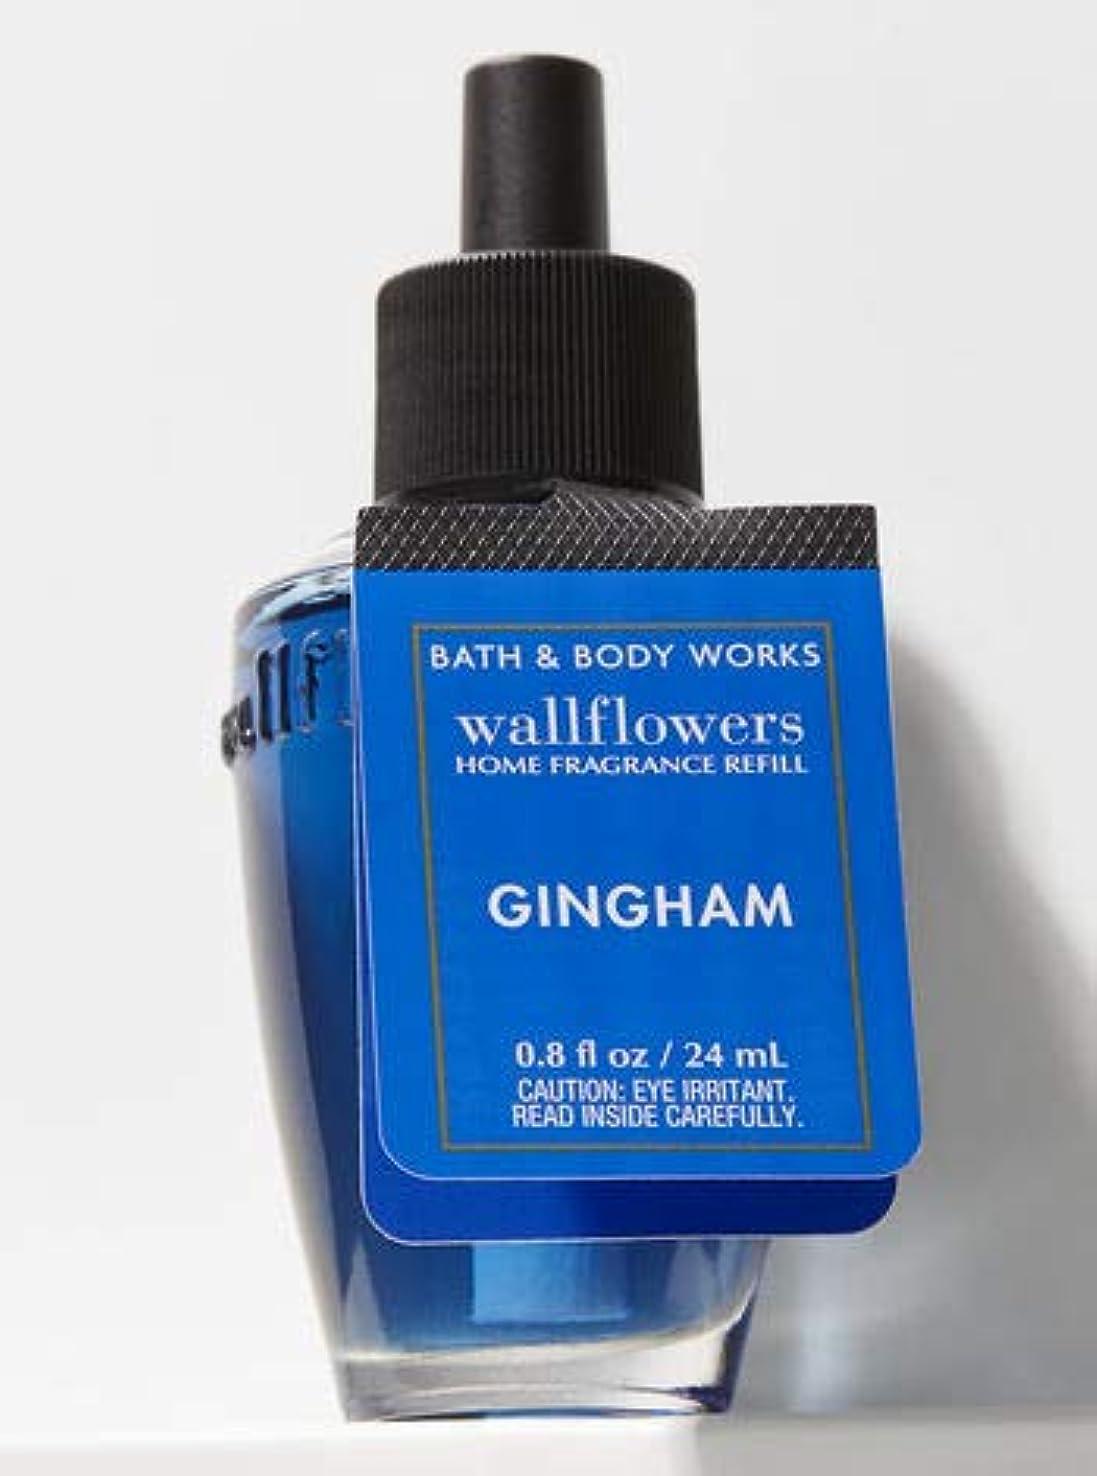 債務液化する入口【Bath&Body Works/バス&ボディワークス】 ルームフレグランス 詰替えリフィル ギンガム Wallflowers Home Fragrance Refill Gingham [並行輸入品]